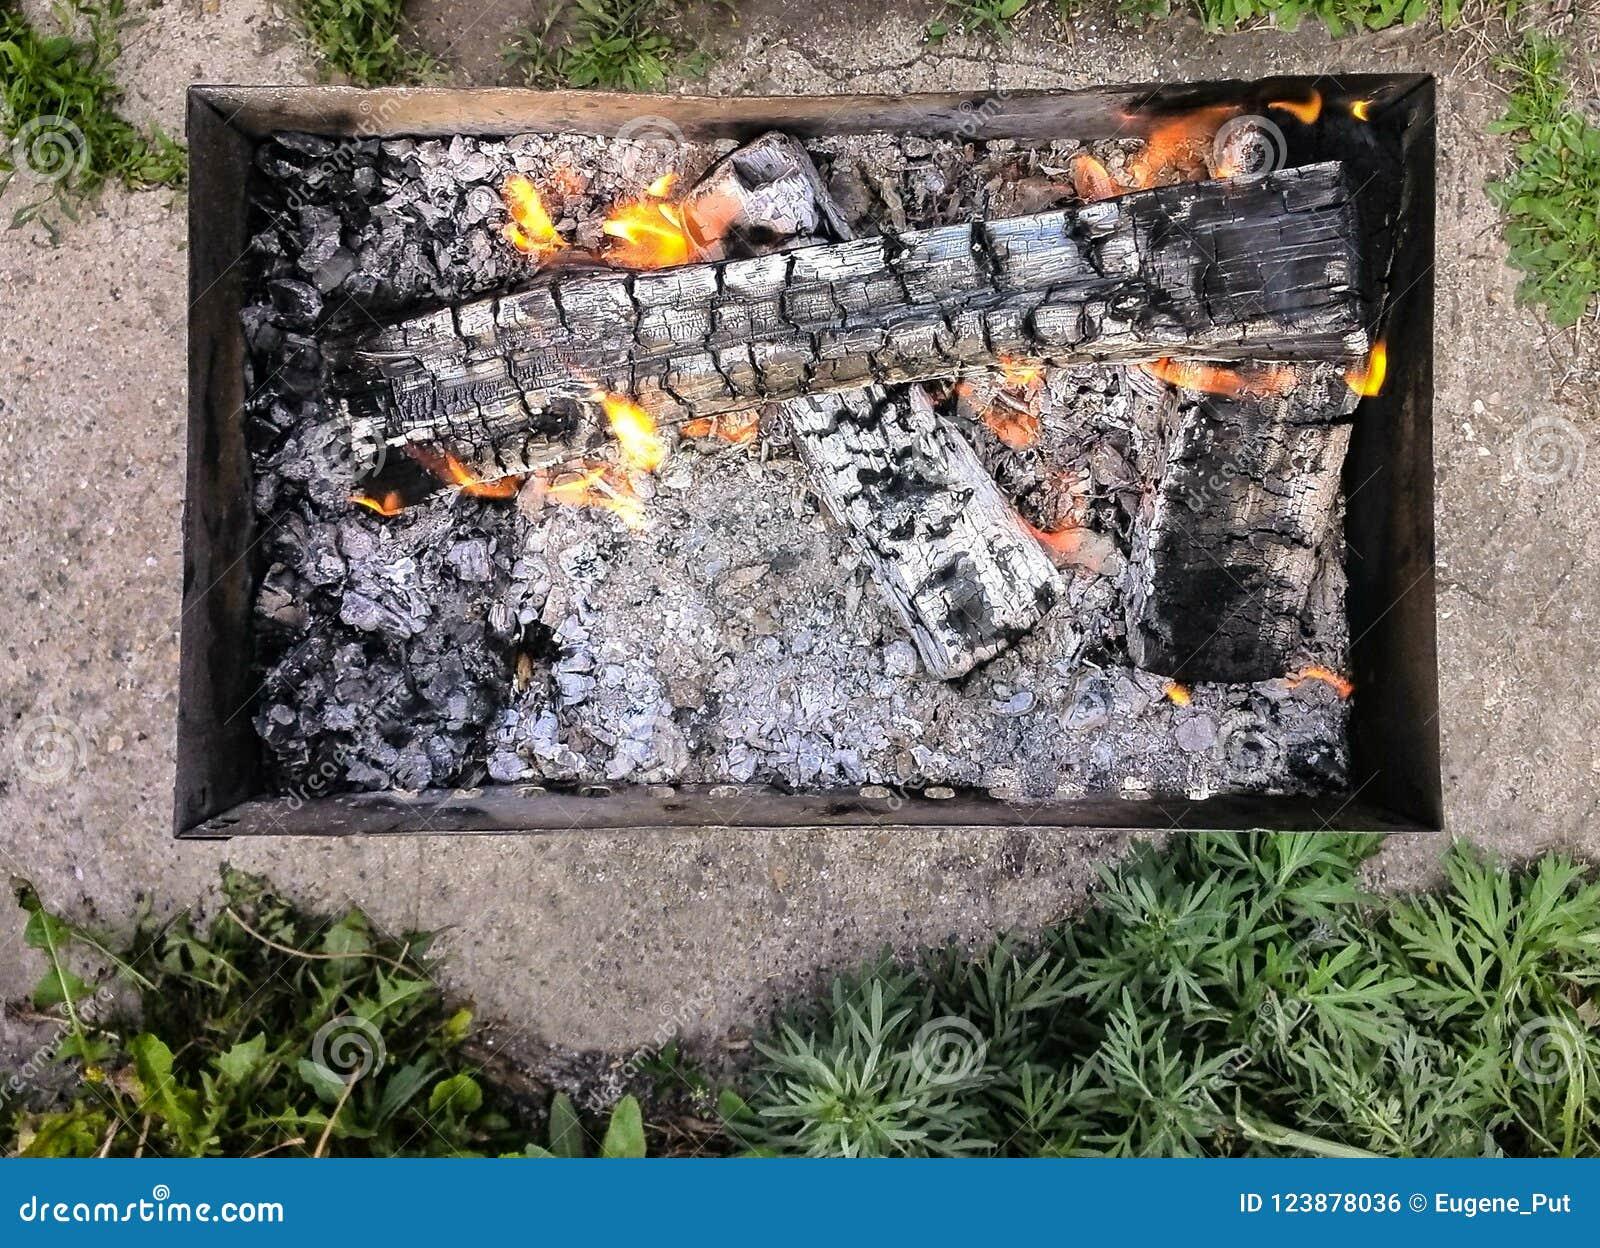 Взгляд сверху барбекю с пламенами огня, зеленой травы угля a располагаясь лагерем портативного вокруг